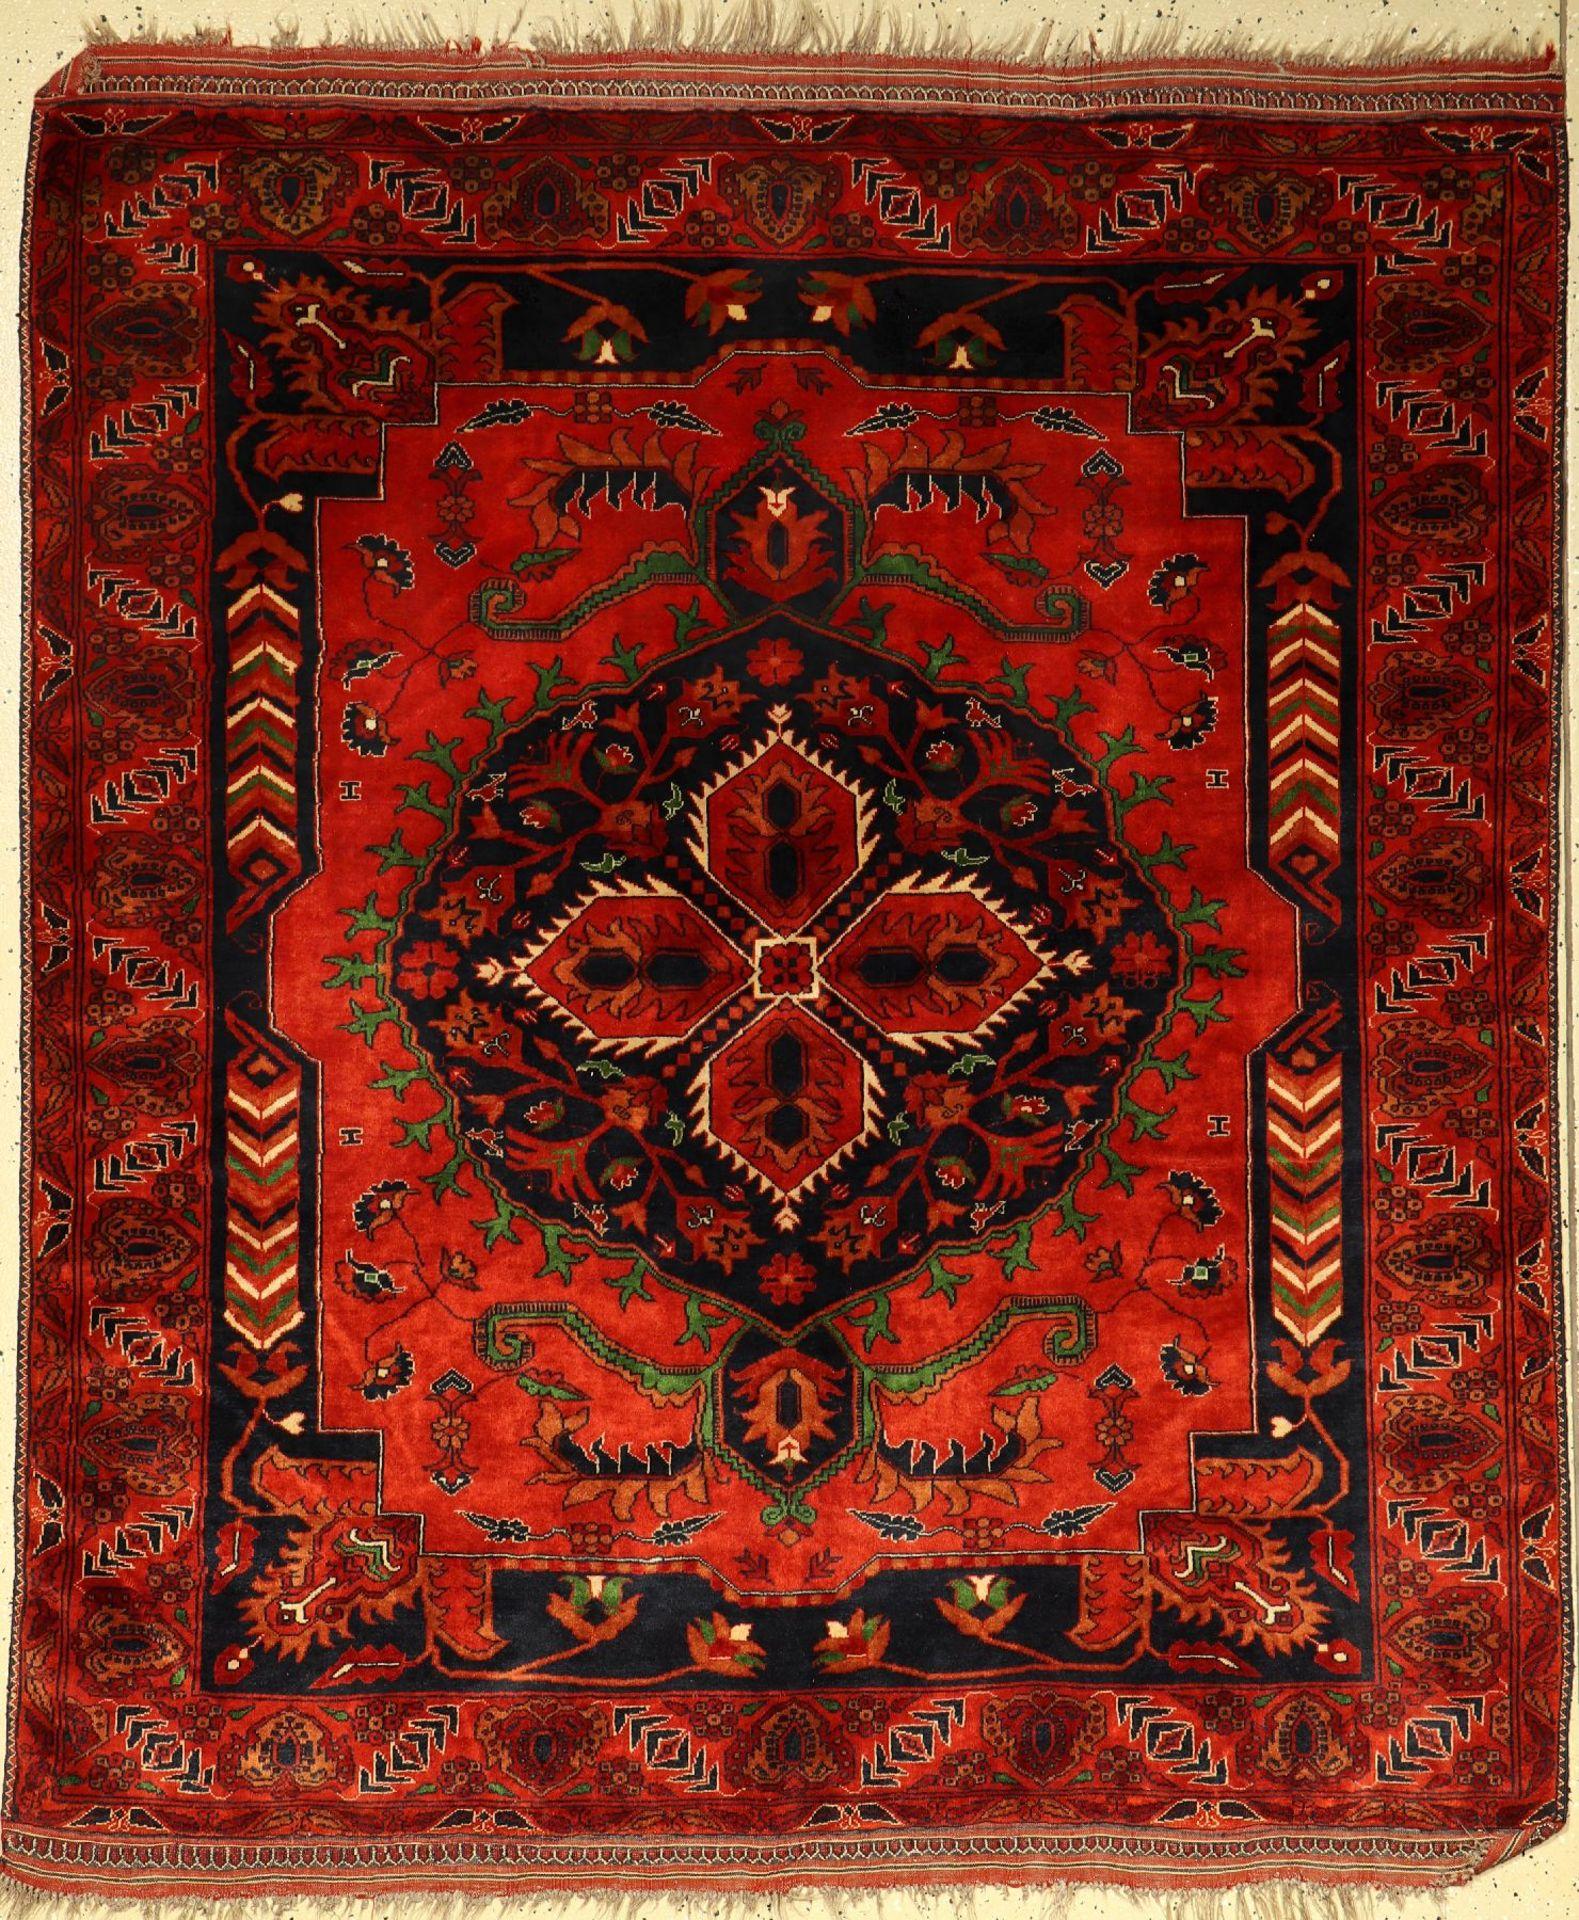 Gouchan alt, Persien, ca. 50 Jahre, Wolle auf Wolle, ca. 180 x 155 cm, EHZ: 2-3